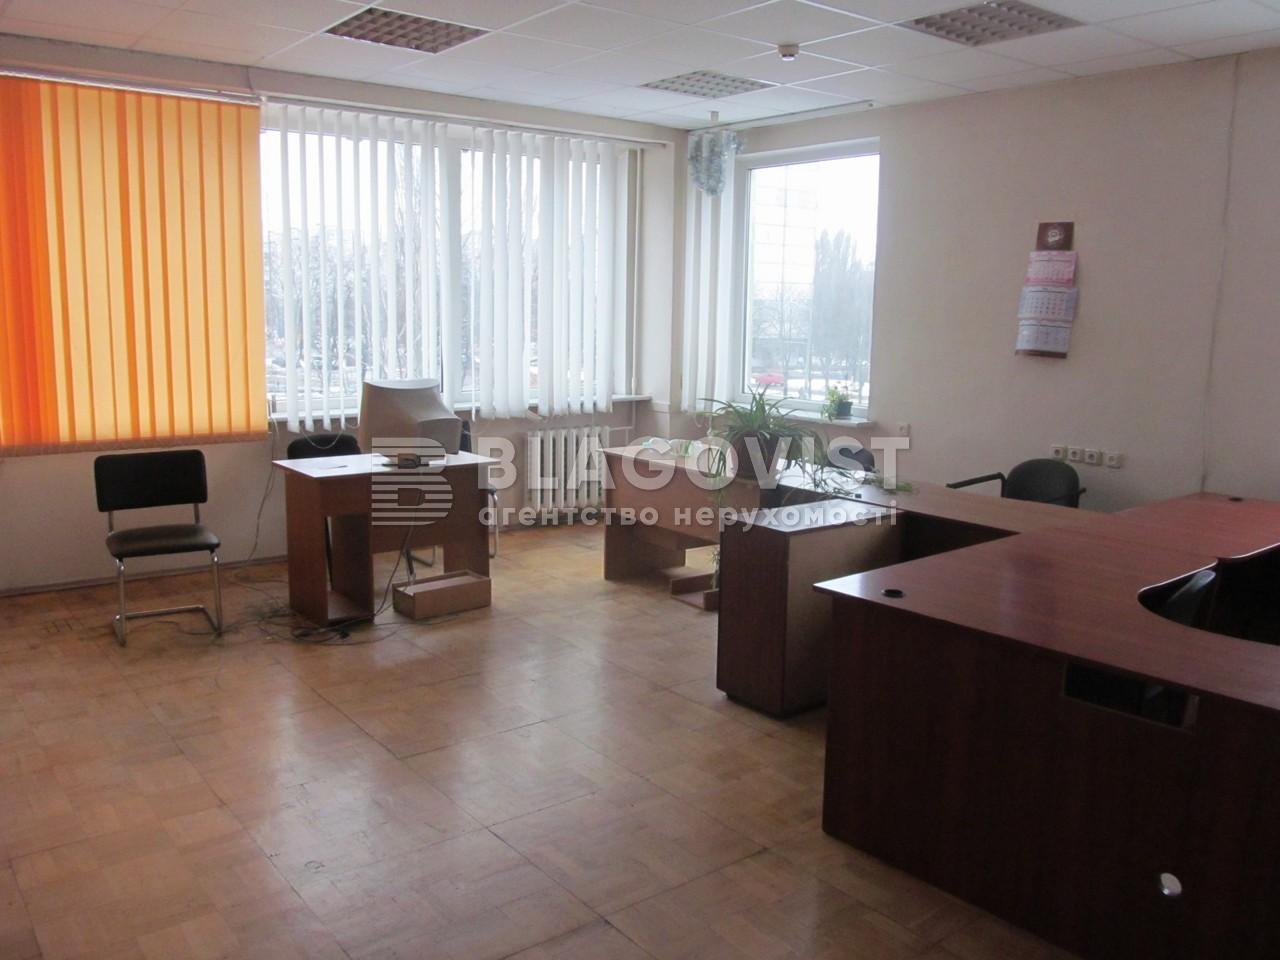 Нежилое помещение, D-33822, Чаадаева Петра, Киев - Фото 10